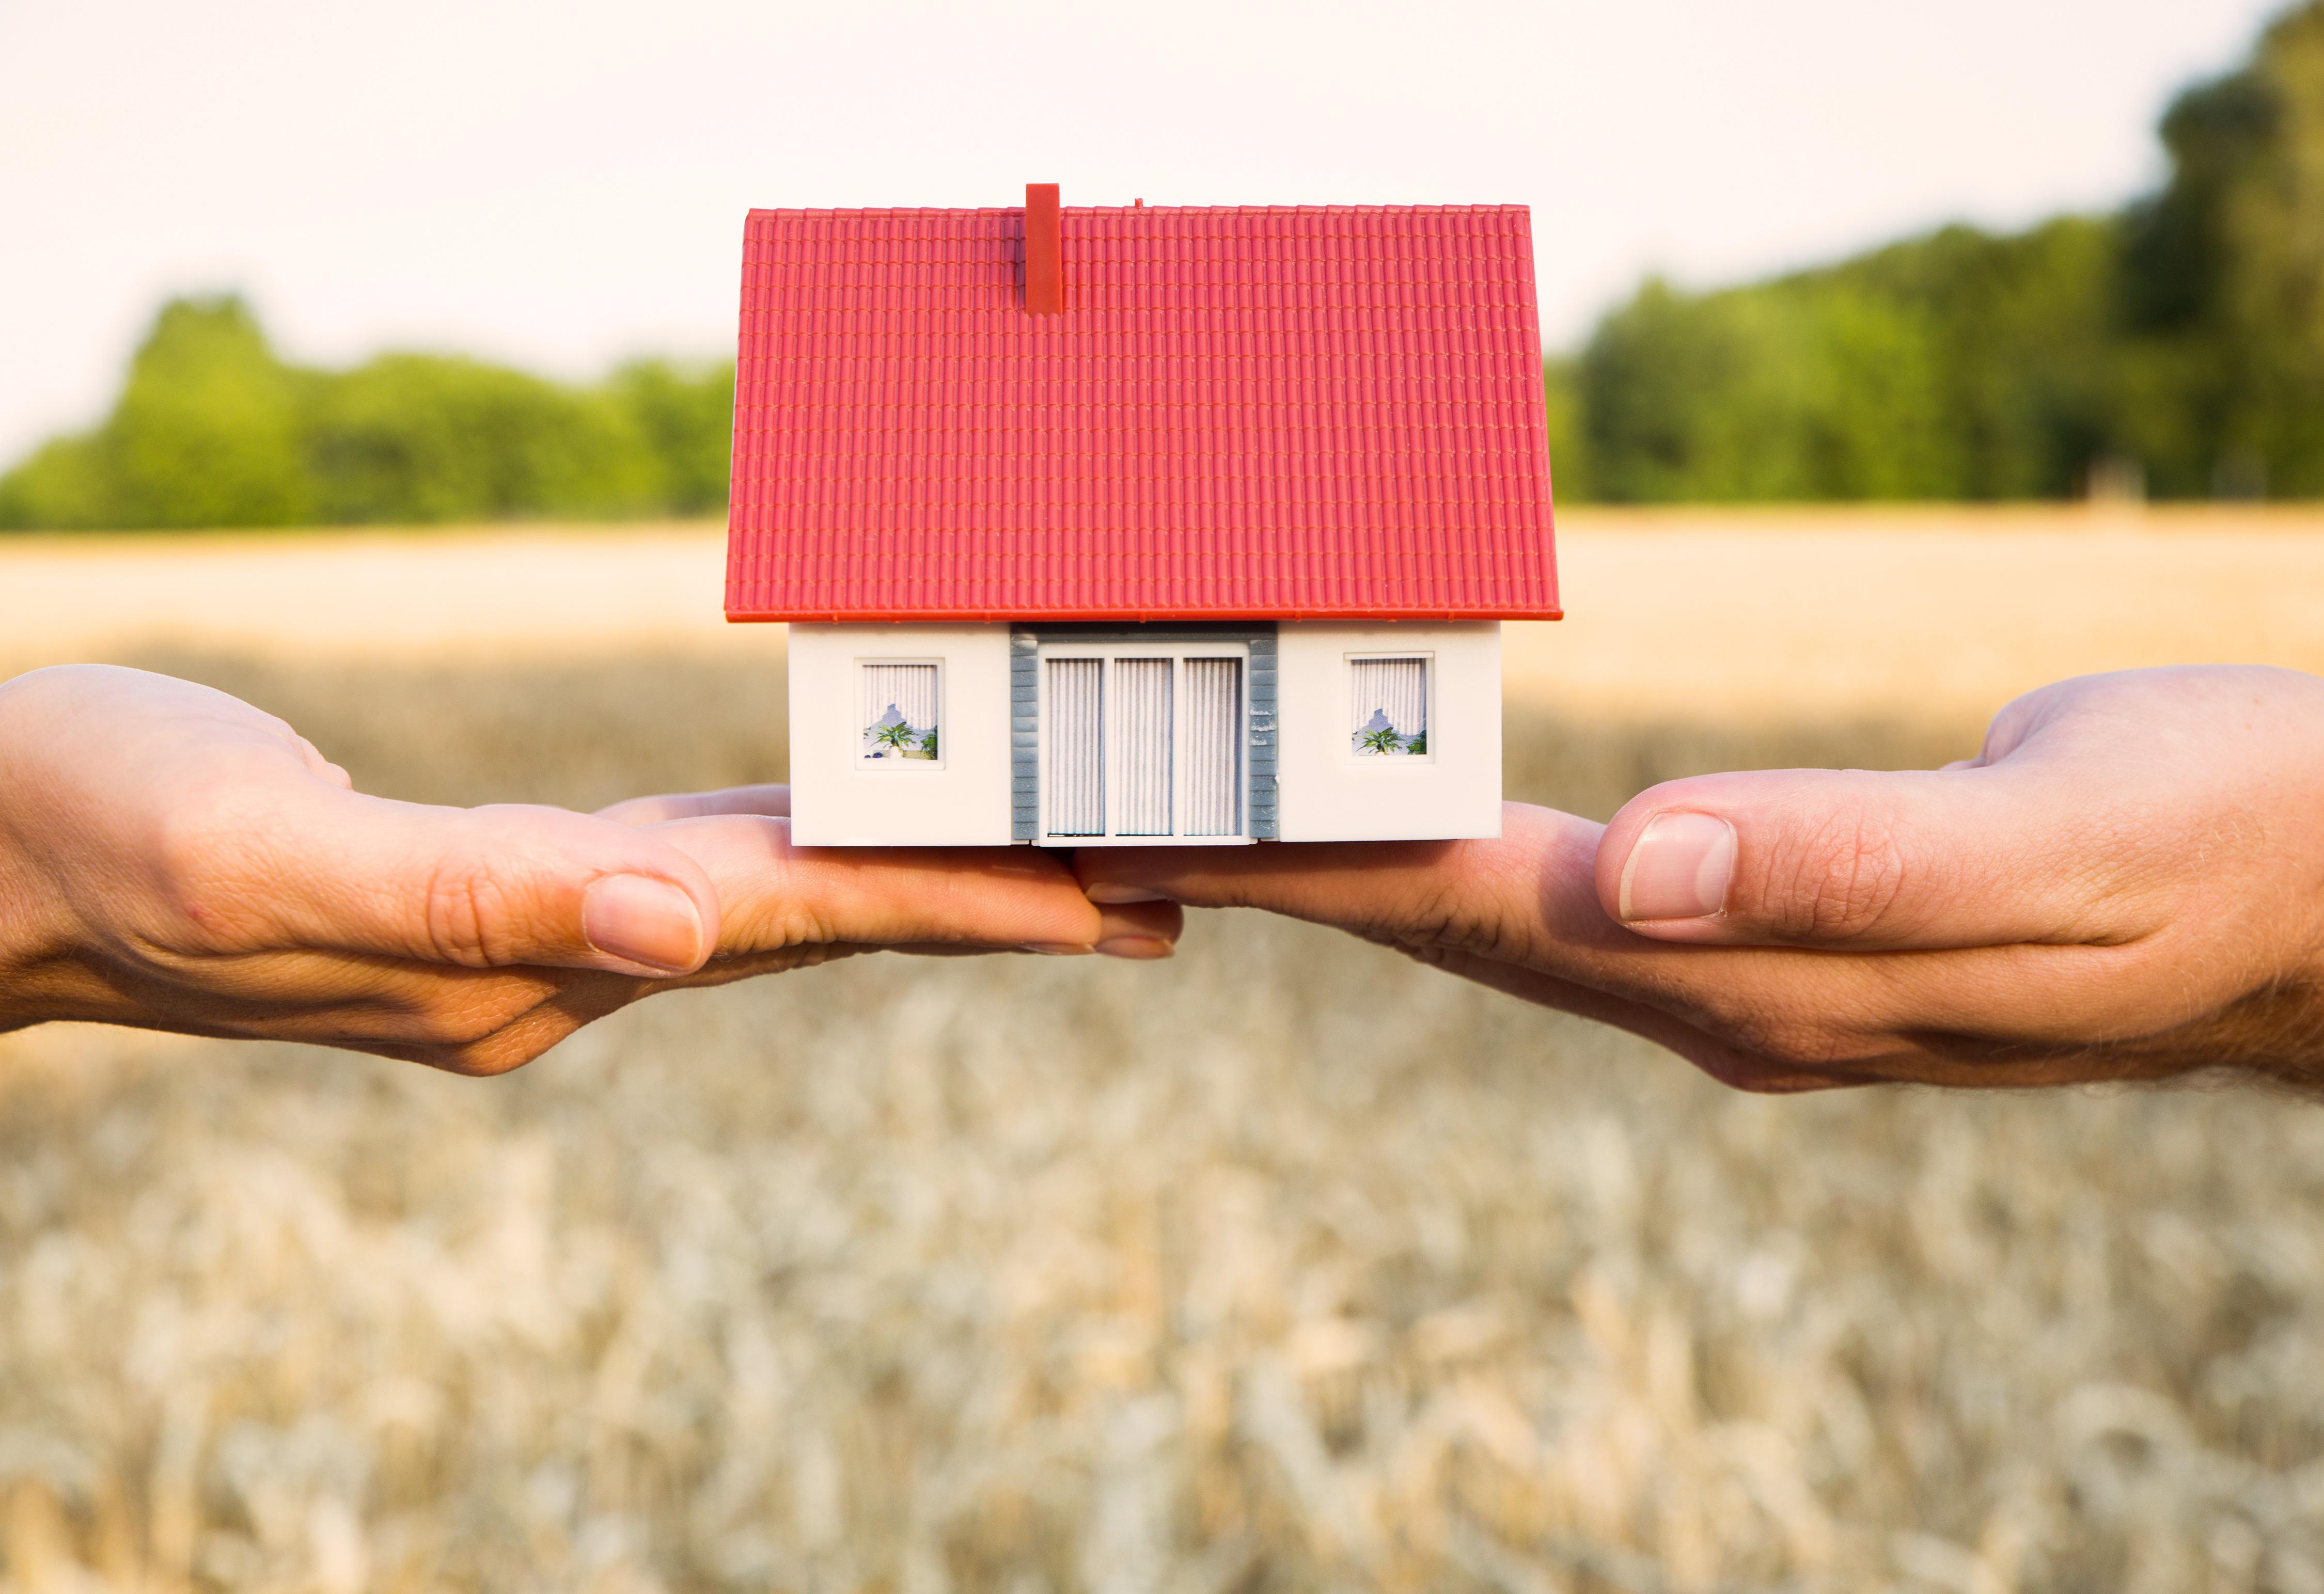 Miniaturhaus auf Händen vor Kornfeld